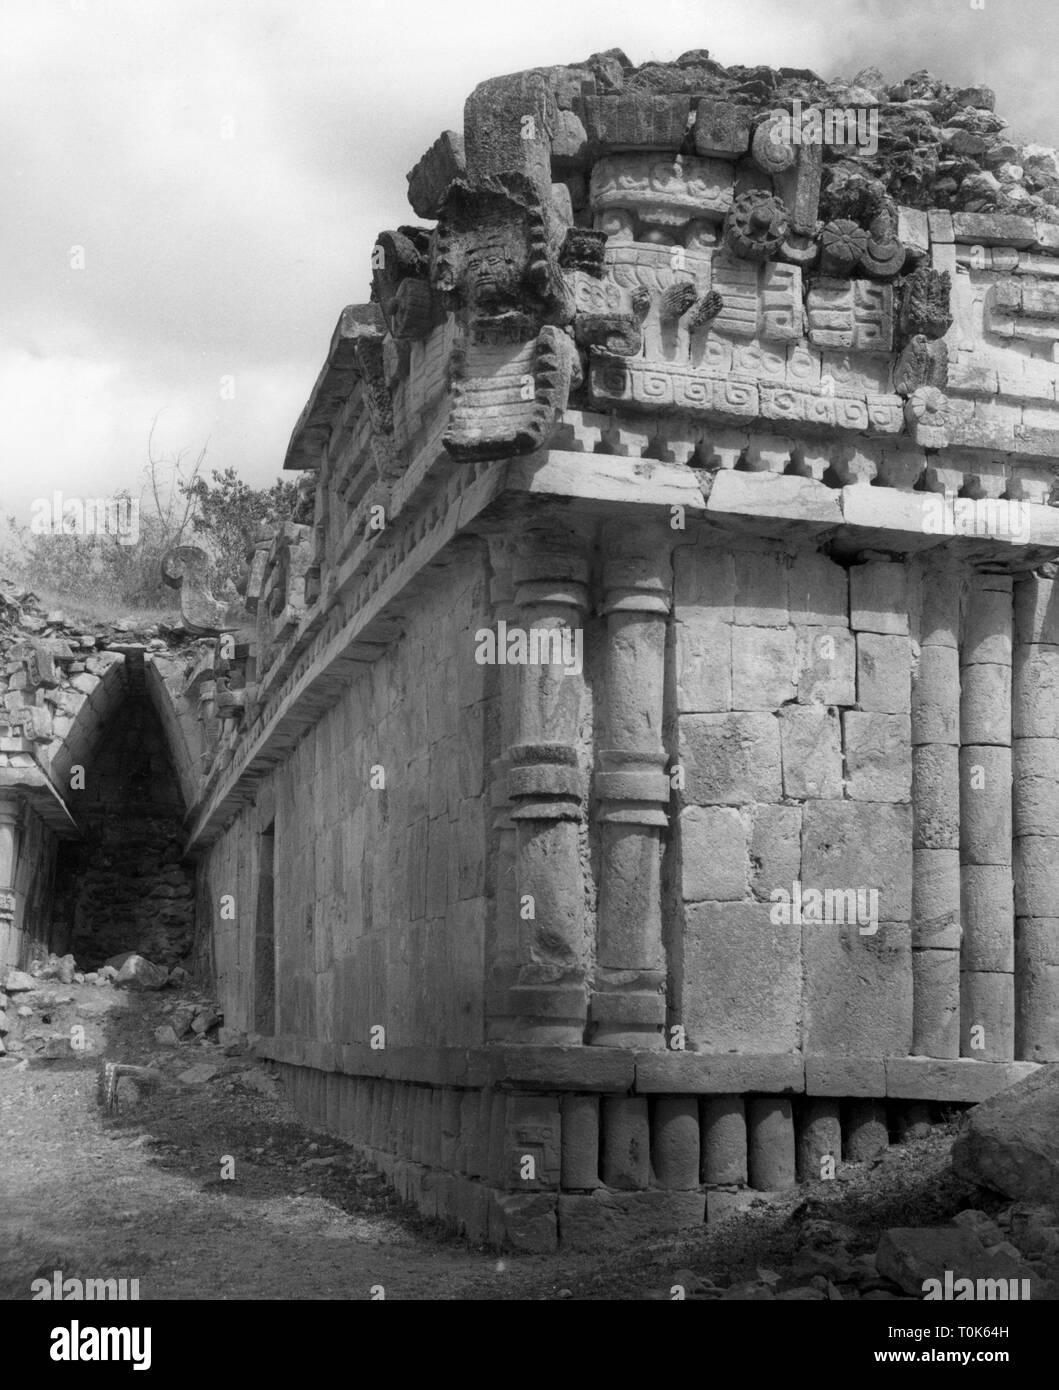 Geographie/Reisen, Mexiko, Labna, Gebäude, Palast, Außenansicht, 1960er Jahre, Additional-Rights - Clearance-Info - Not-Available Stockbild